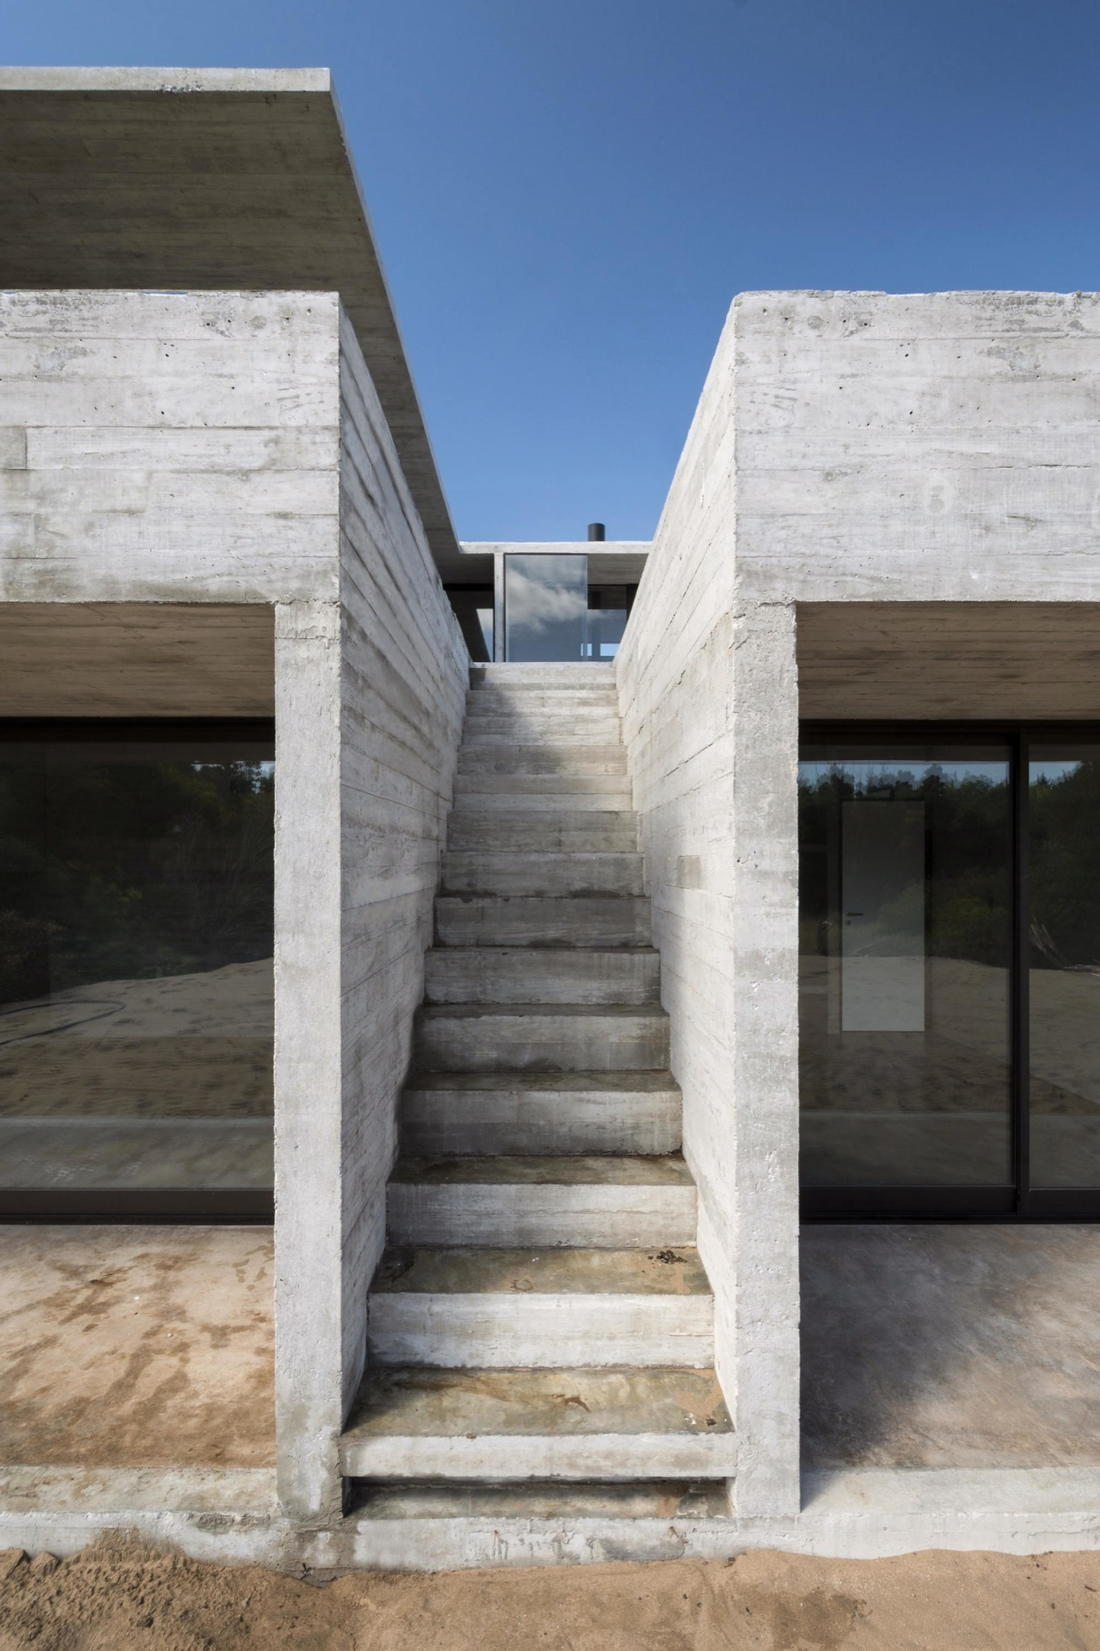 Дом в дюнах Аргентины от ателье Luciano Kruk 12